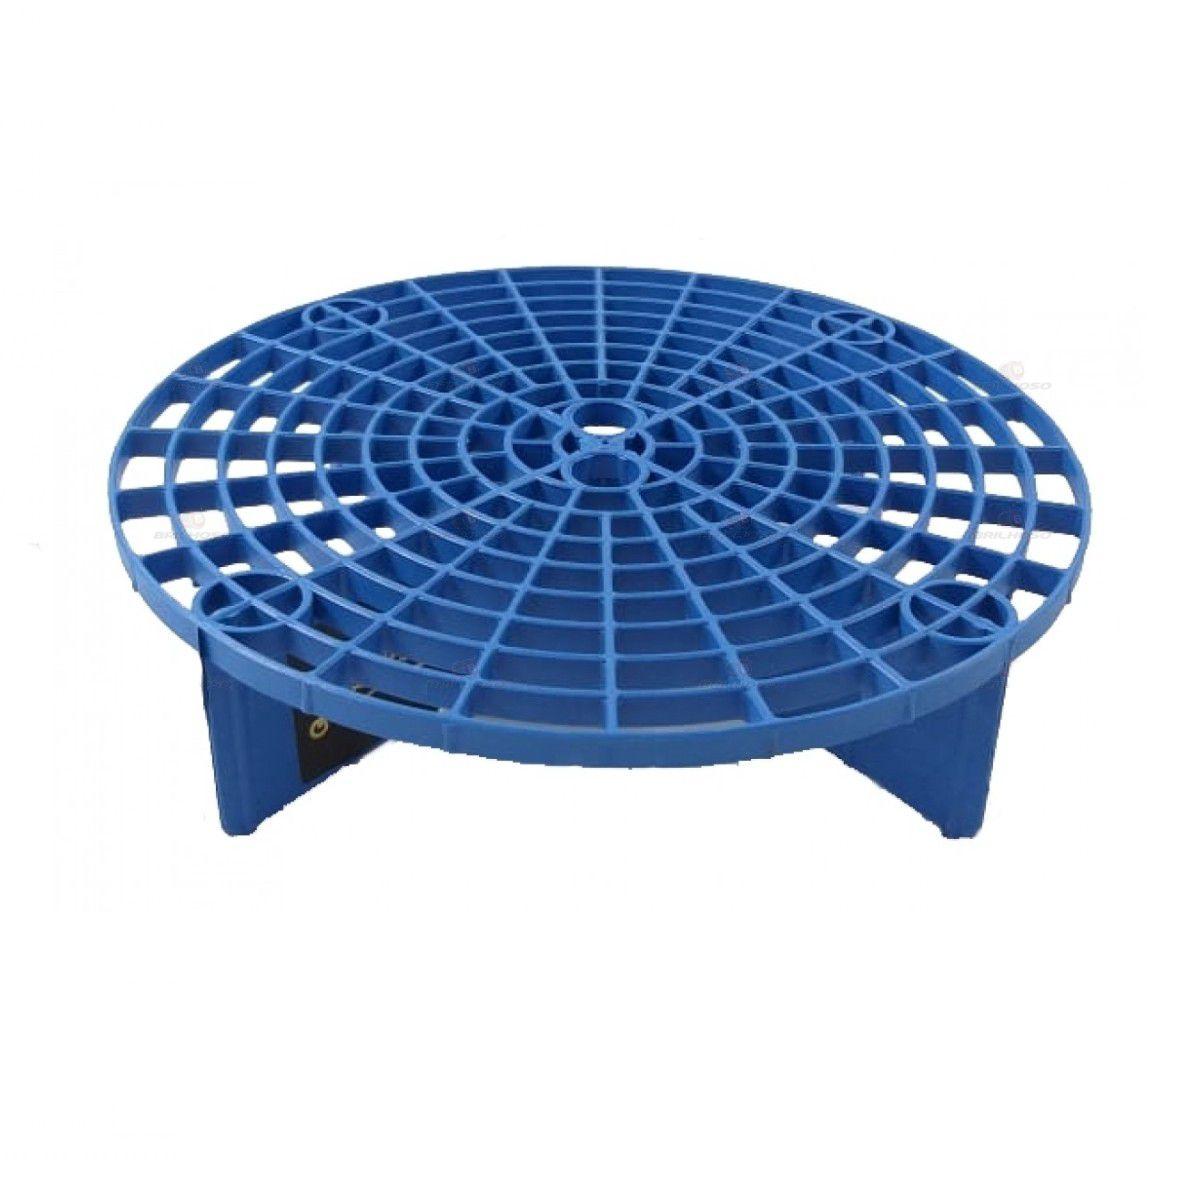 Kit Balde Com Separador De Partículas + Escovas Caixa e Furo de Rodas Mandala